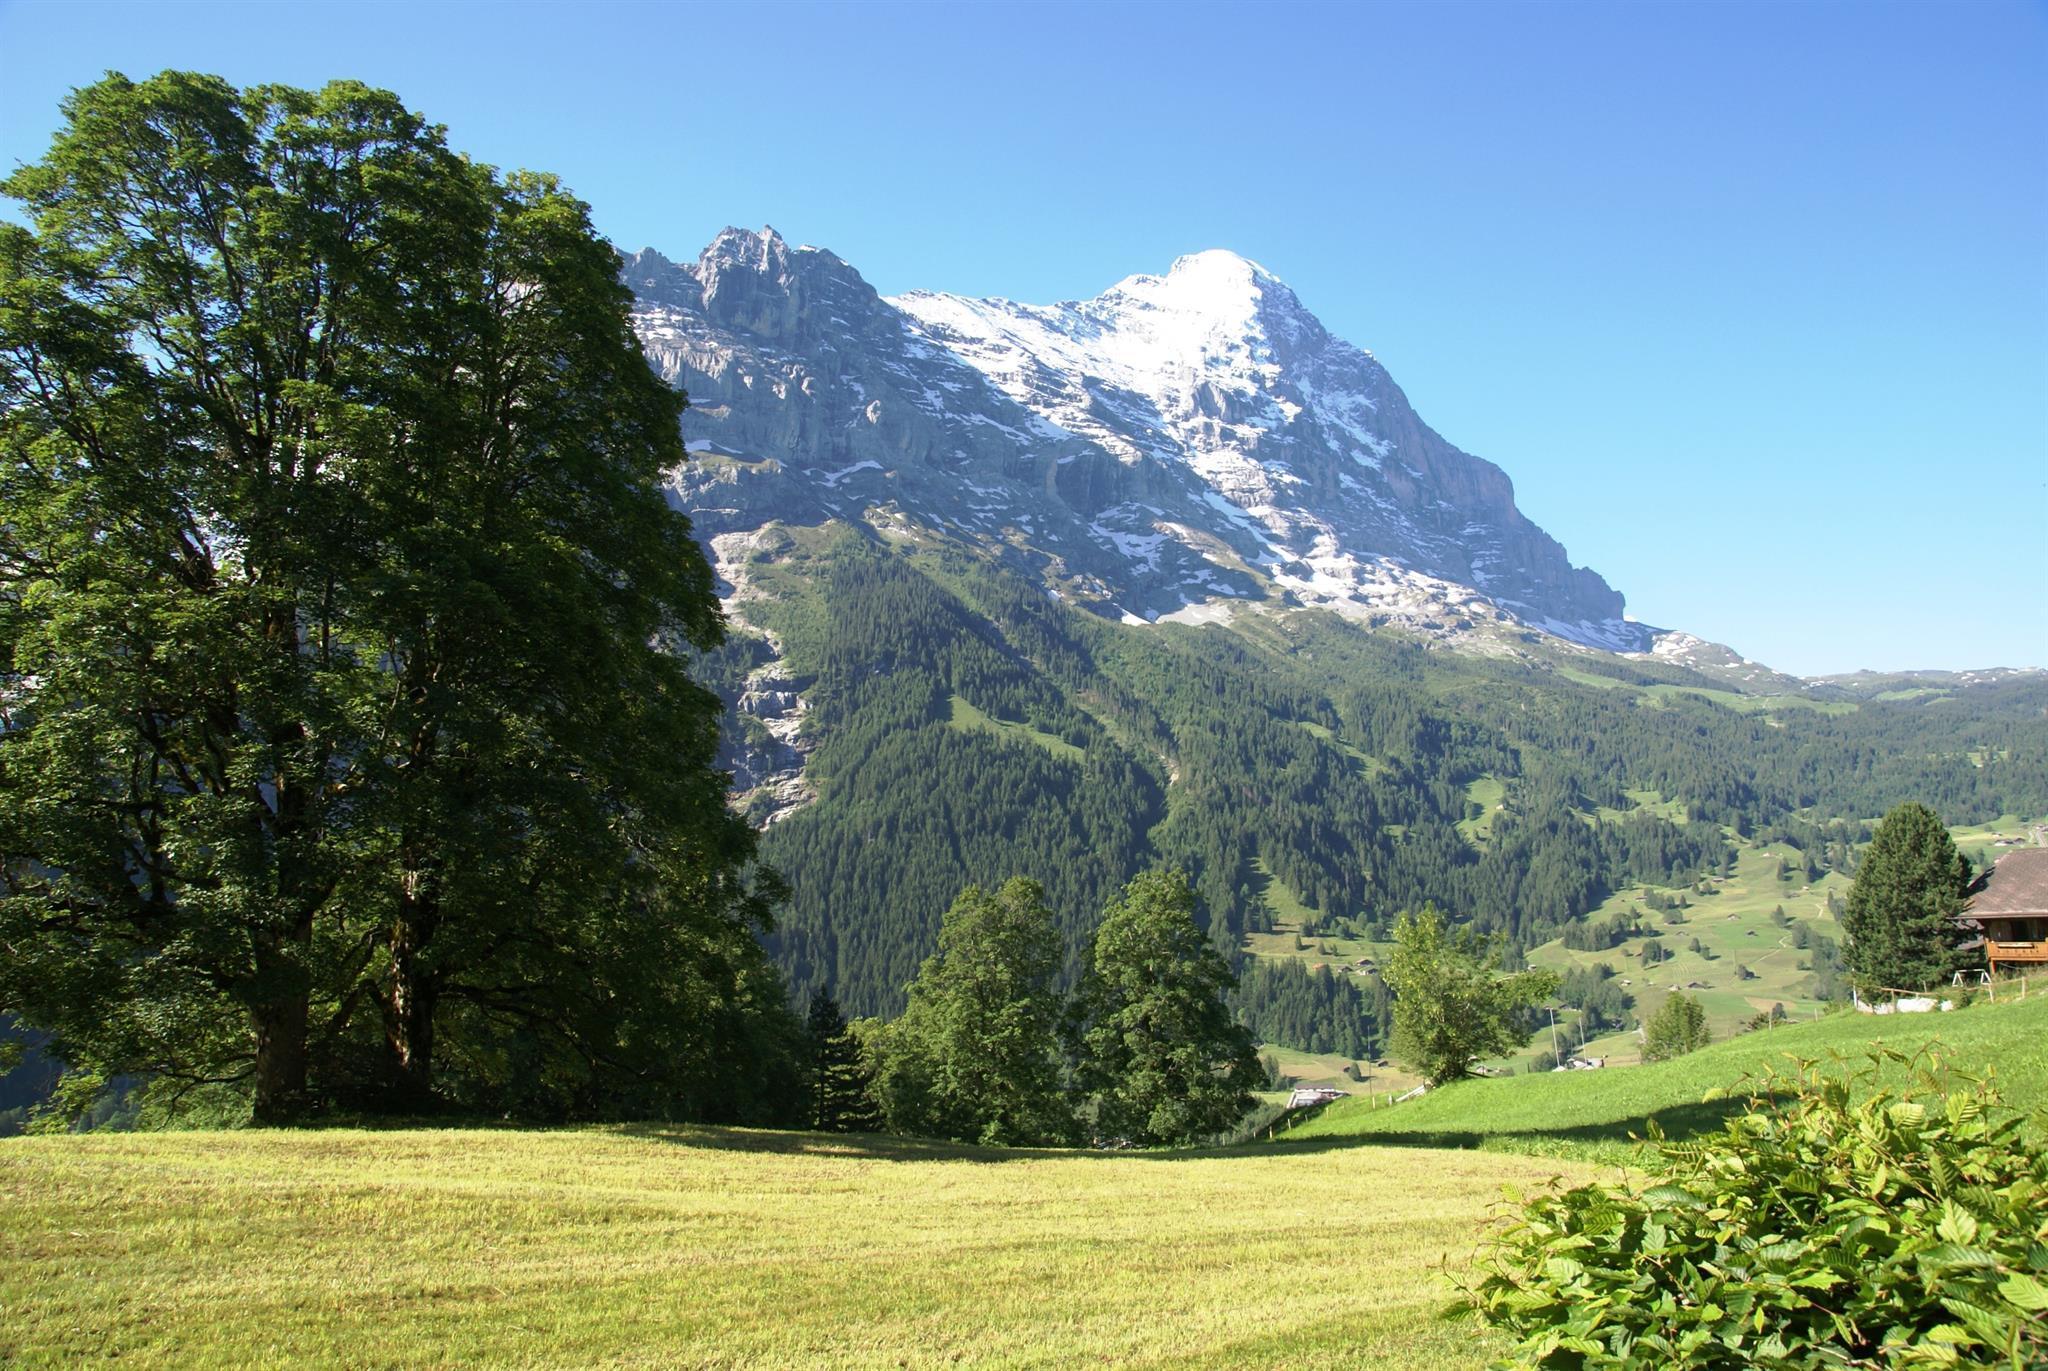 Ferienwohnung Nussbaum 4 Bett Wohnung Obj. GRIWA4009 (918267), Grindelwald, Jungfrauregion, Berner Oberland, Schweiz, Bild 11